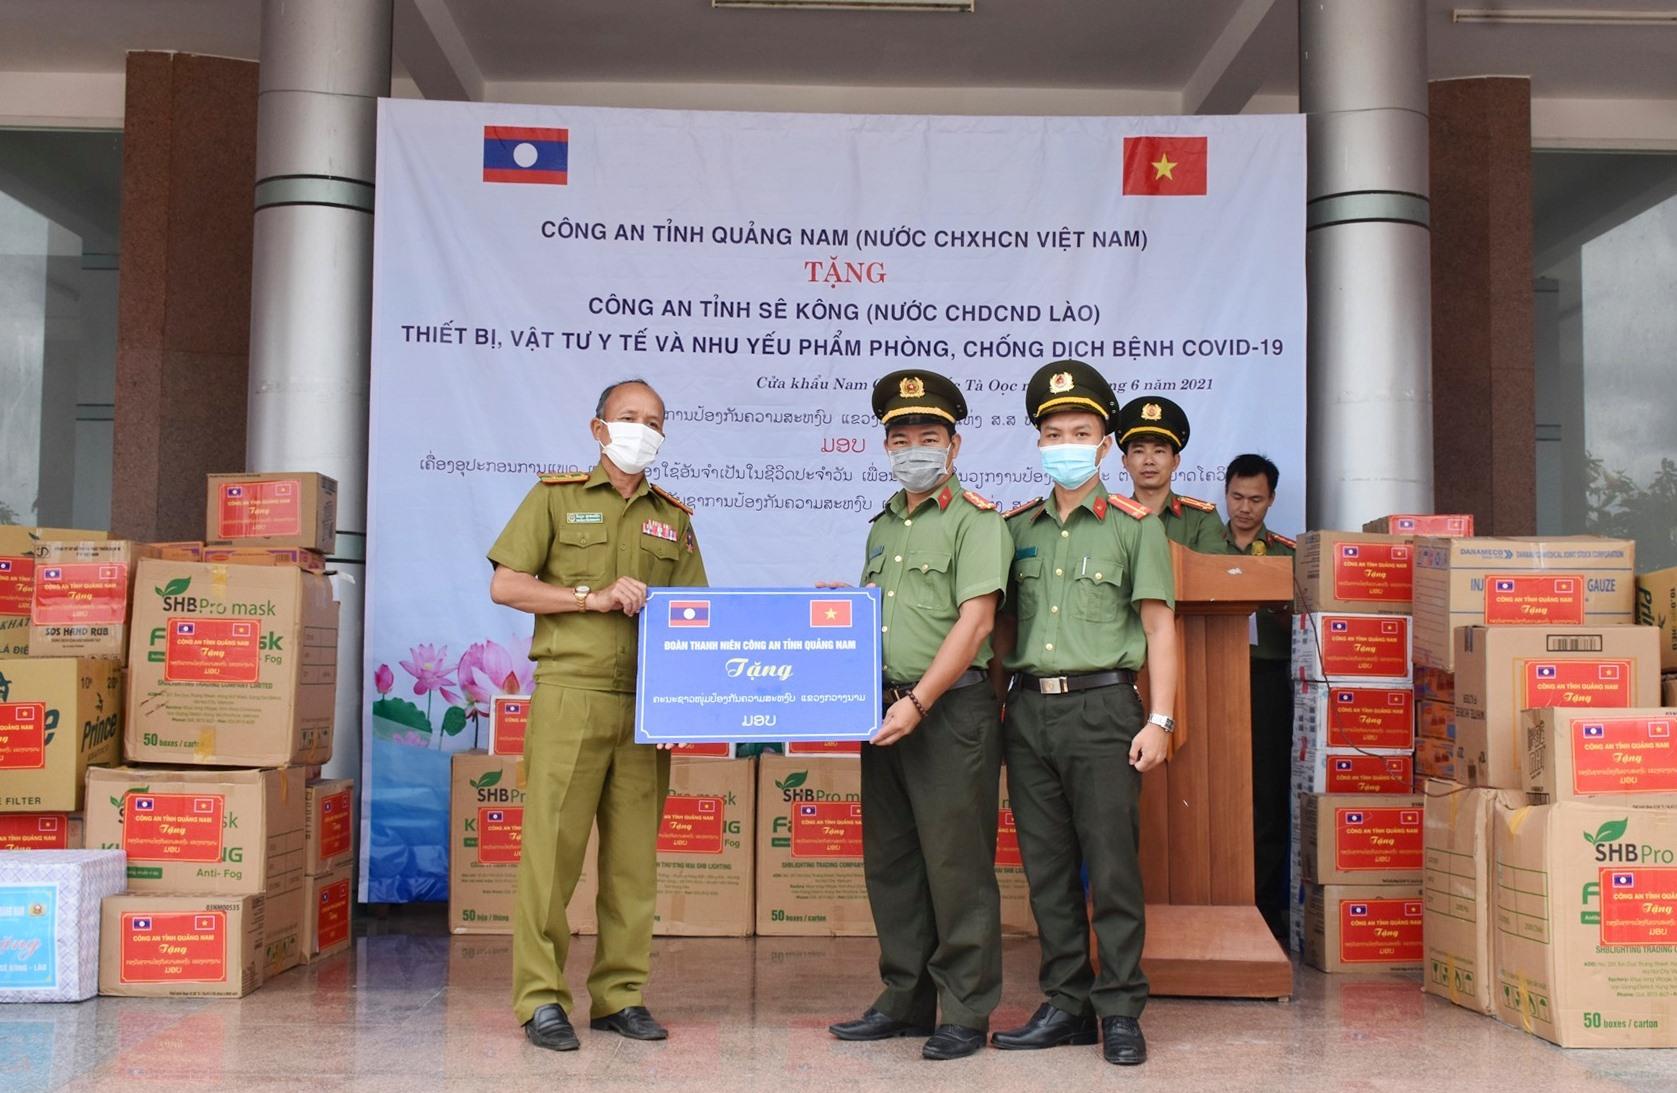 Đoàn thanh niên Công an tỉnh cũng tặng quà cho Công an tỉnh Sê Kông. Ảnh: Q.H